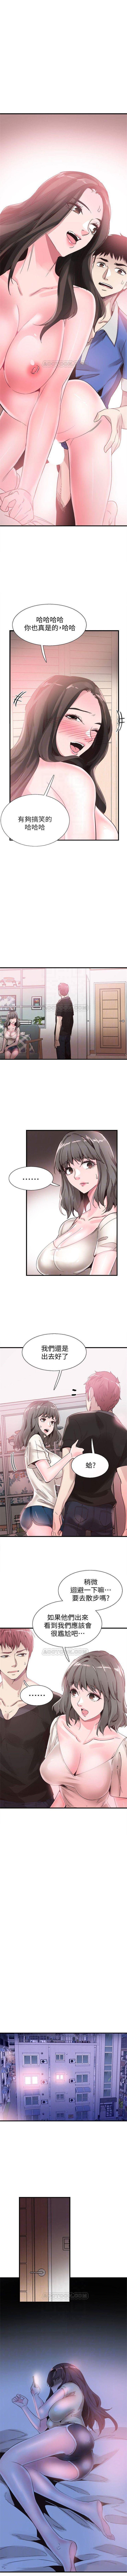 (週7)校園live秀 1-50 中文翻譯(更新中) 243